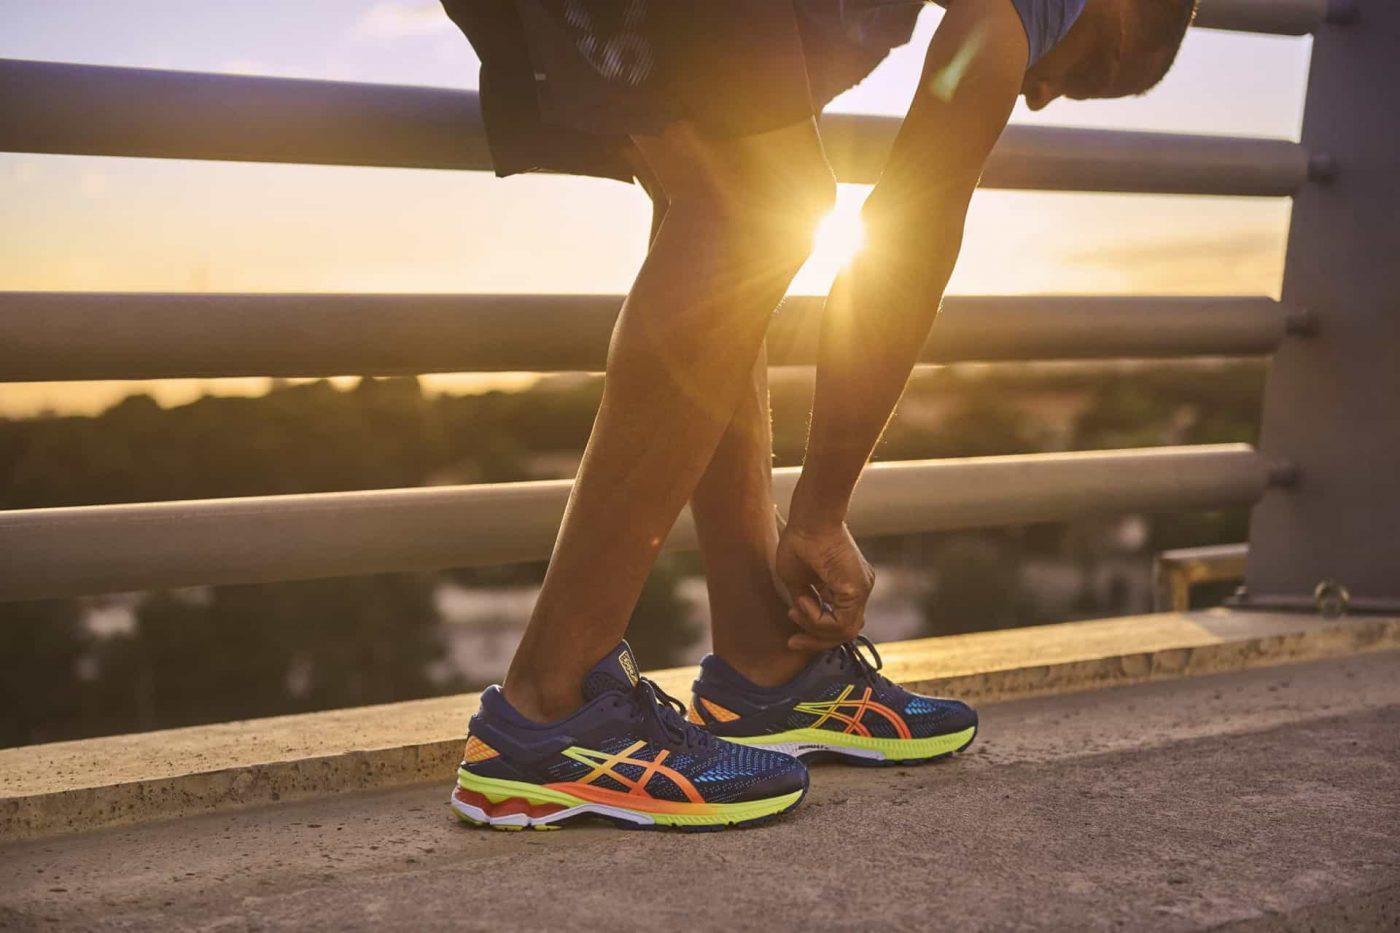 chaussures-running-asics-gel-kayano-26-3